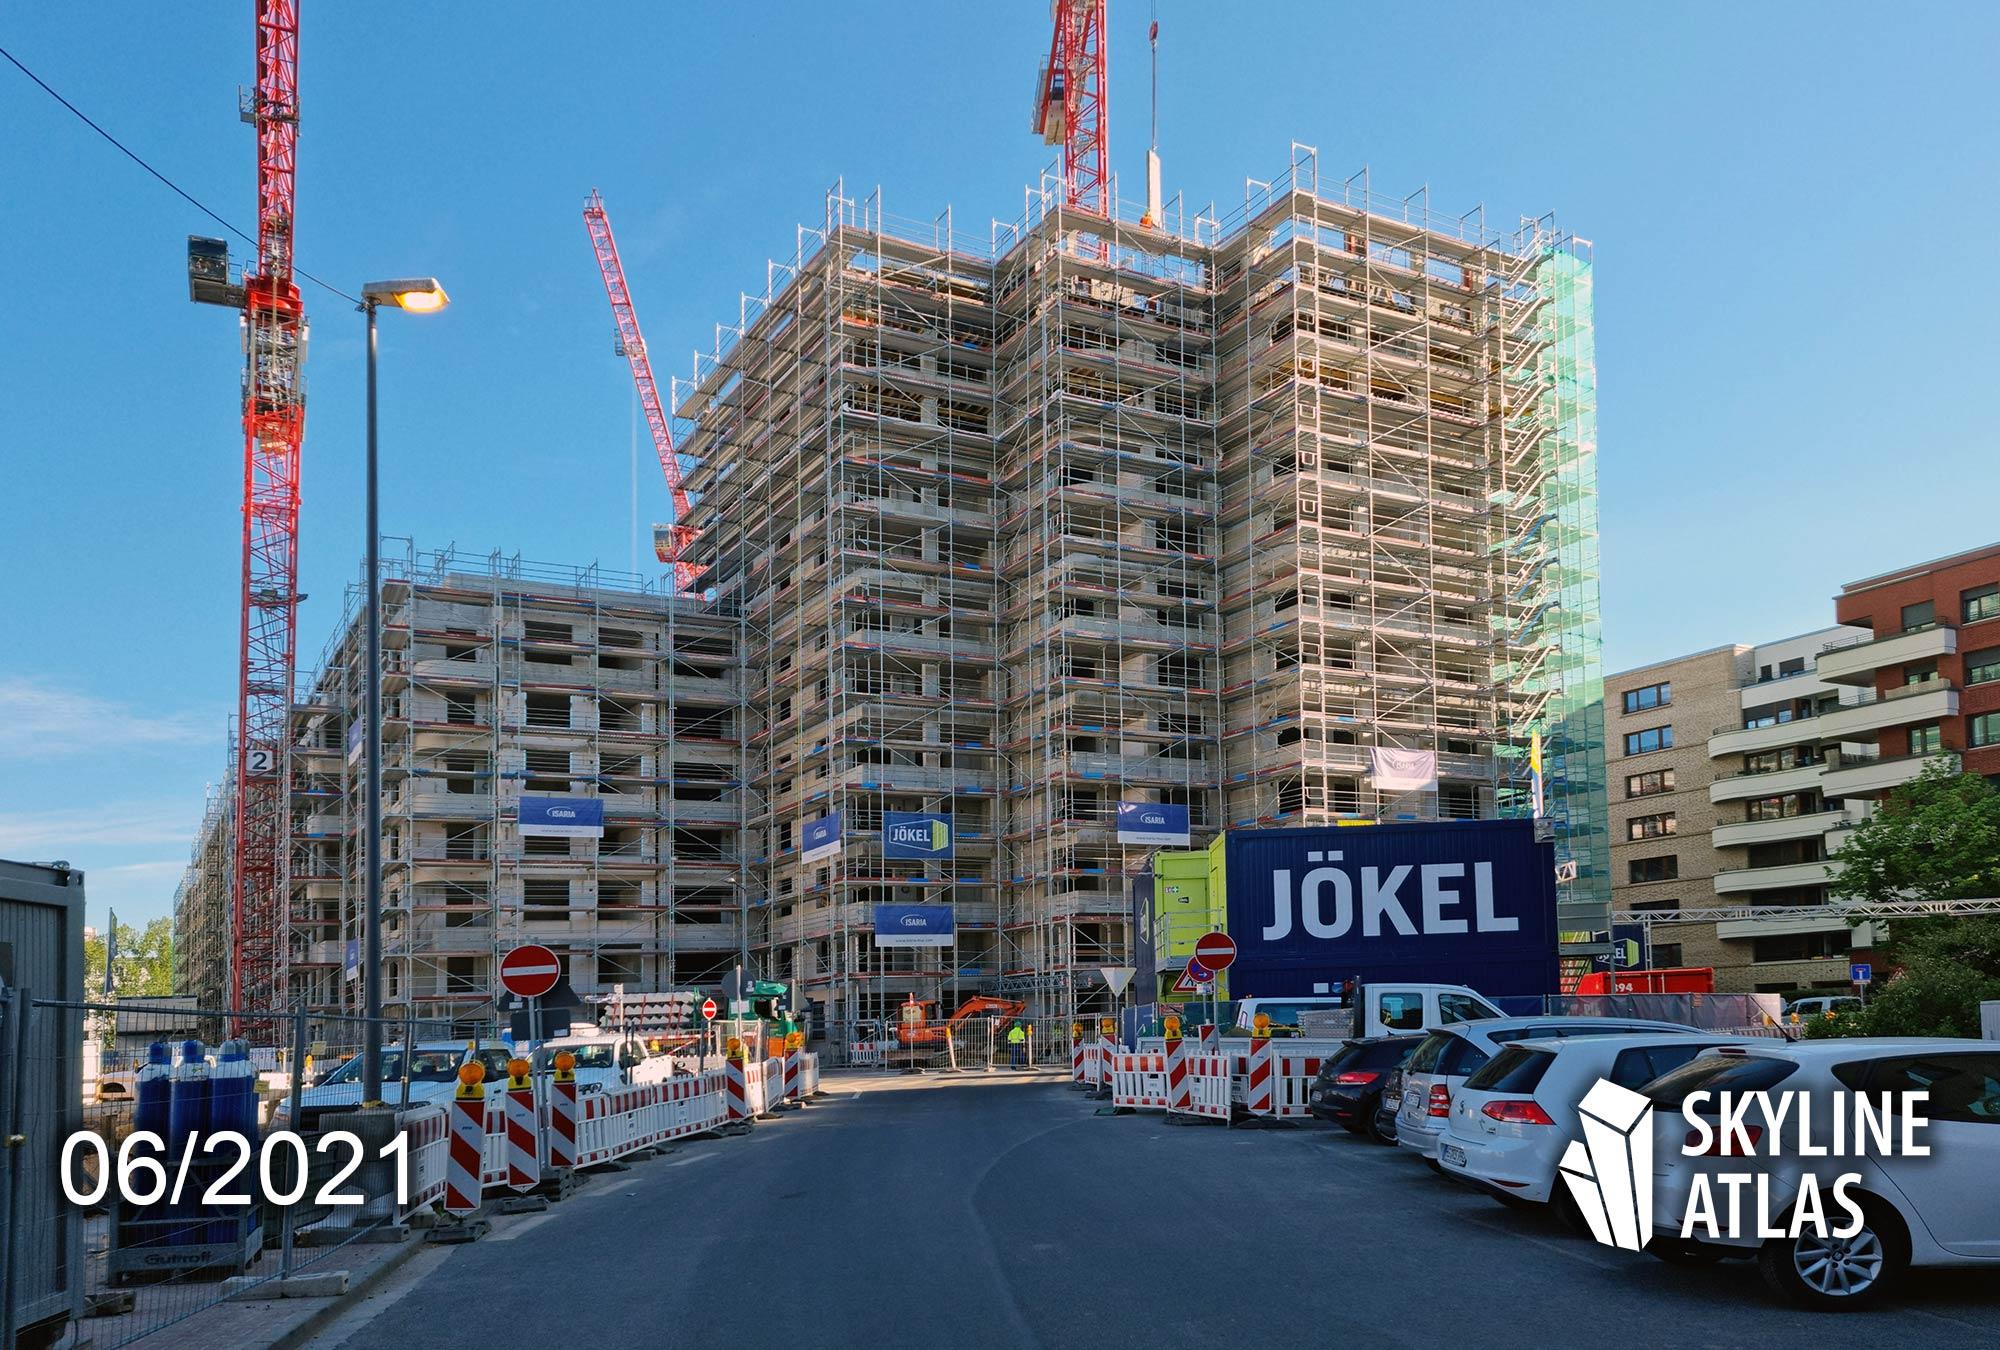 Jökel Frankfurt Bauunternehmen - Insaria Wohnbau Frankfurt - Great East FFM - Frankfurt Ostend Wohnungen - Neubau Wohnungen - Juni 2021 - Baustelle Hochhaus FFM